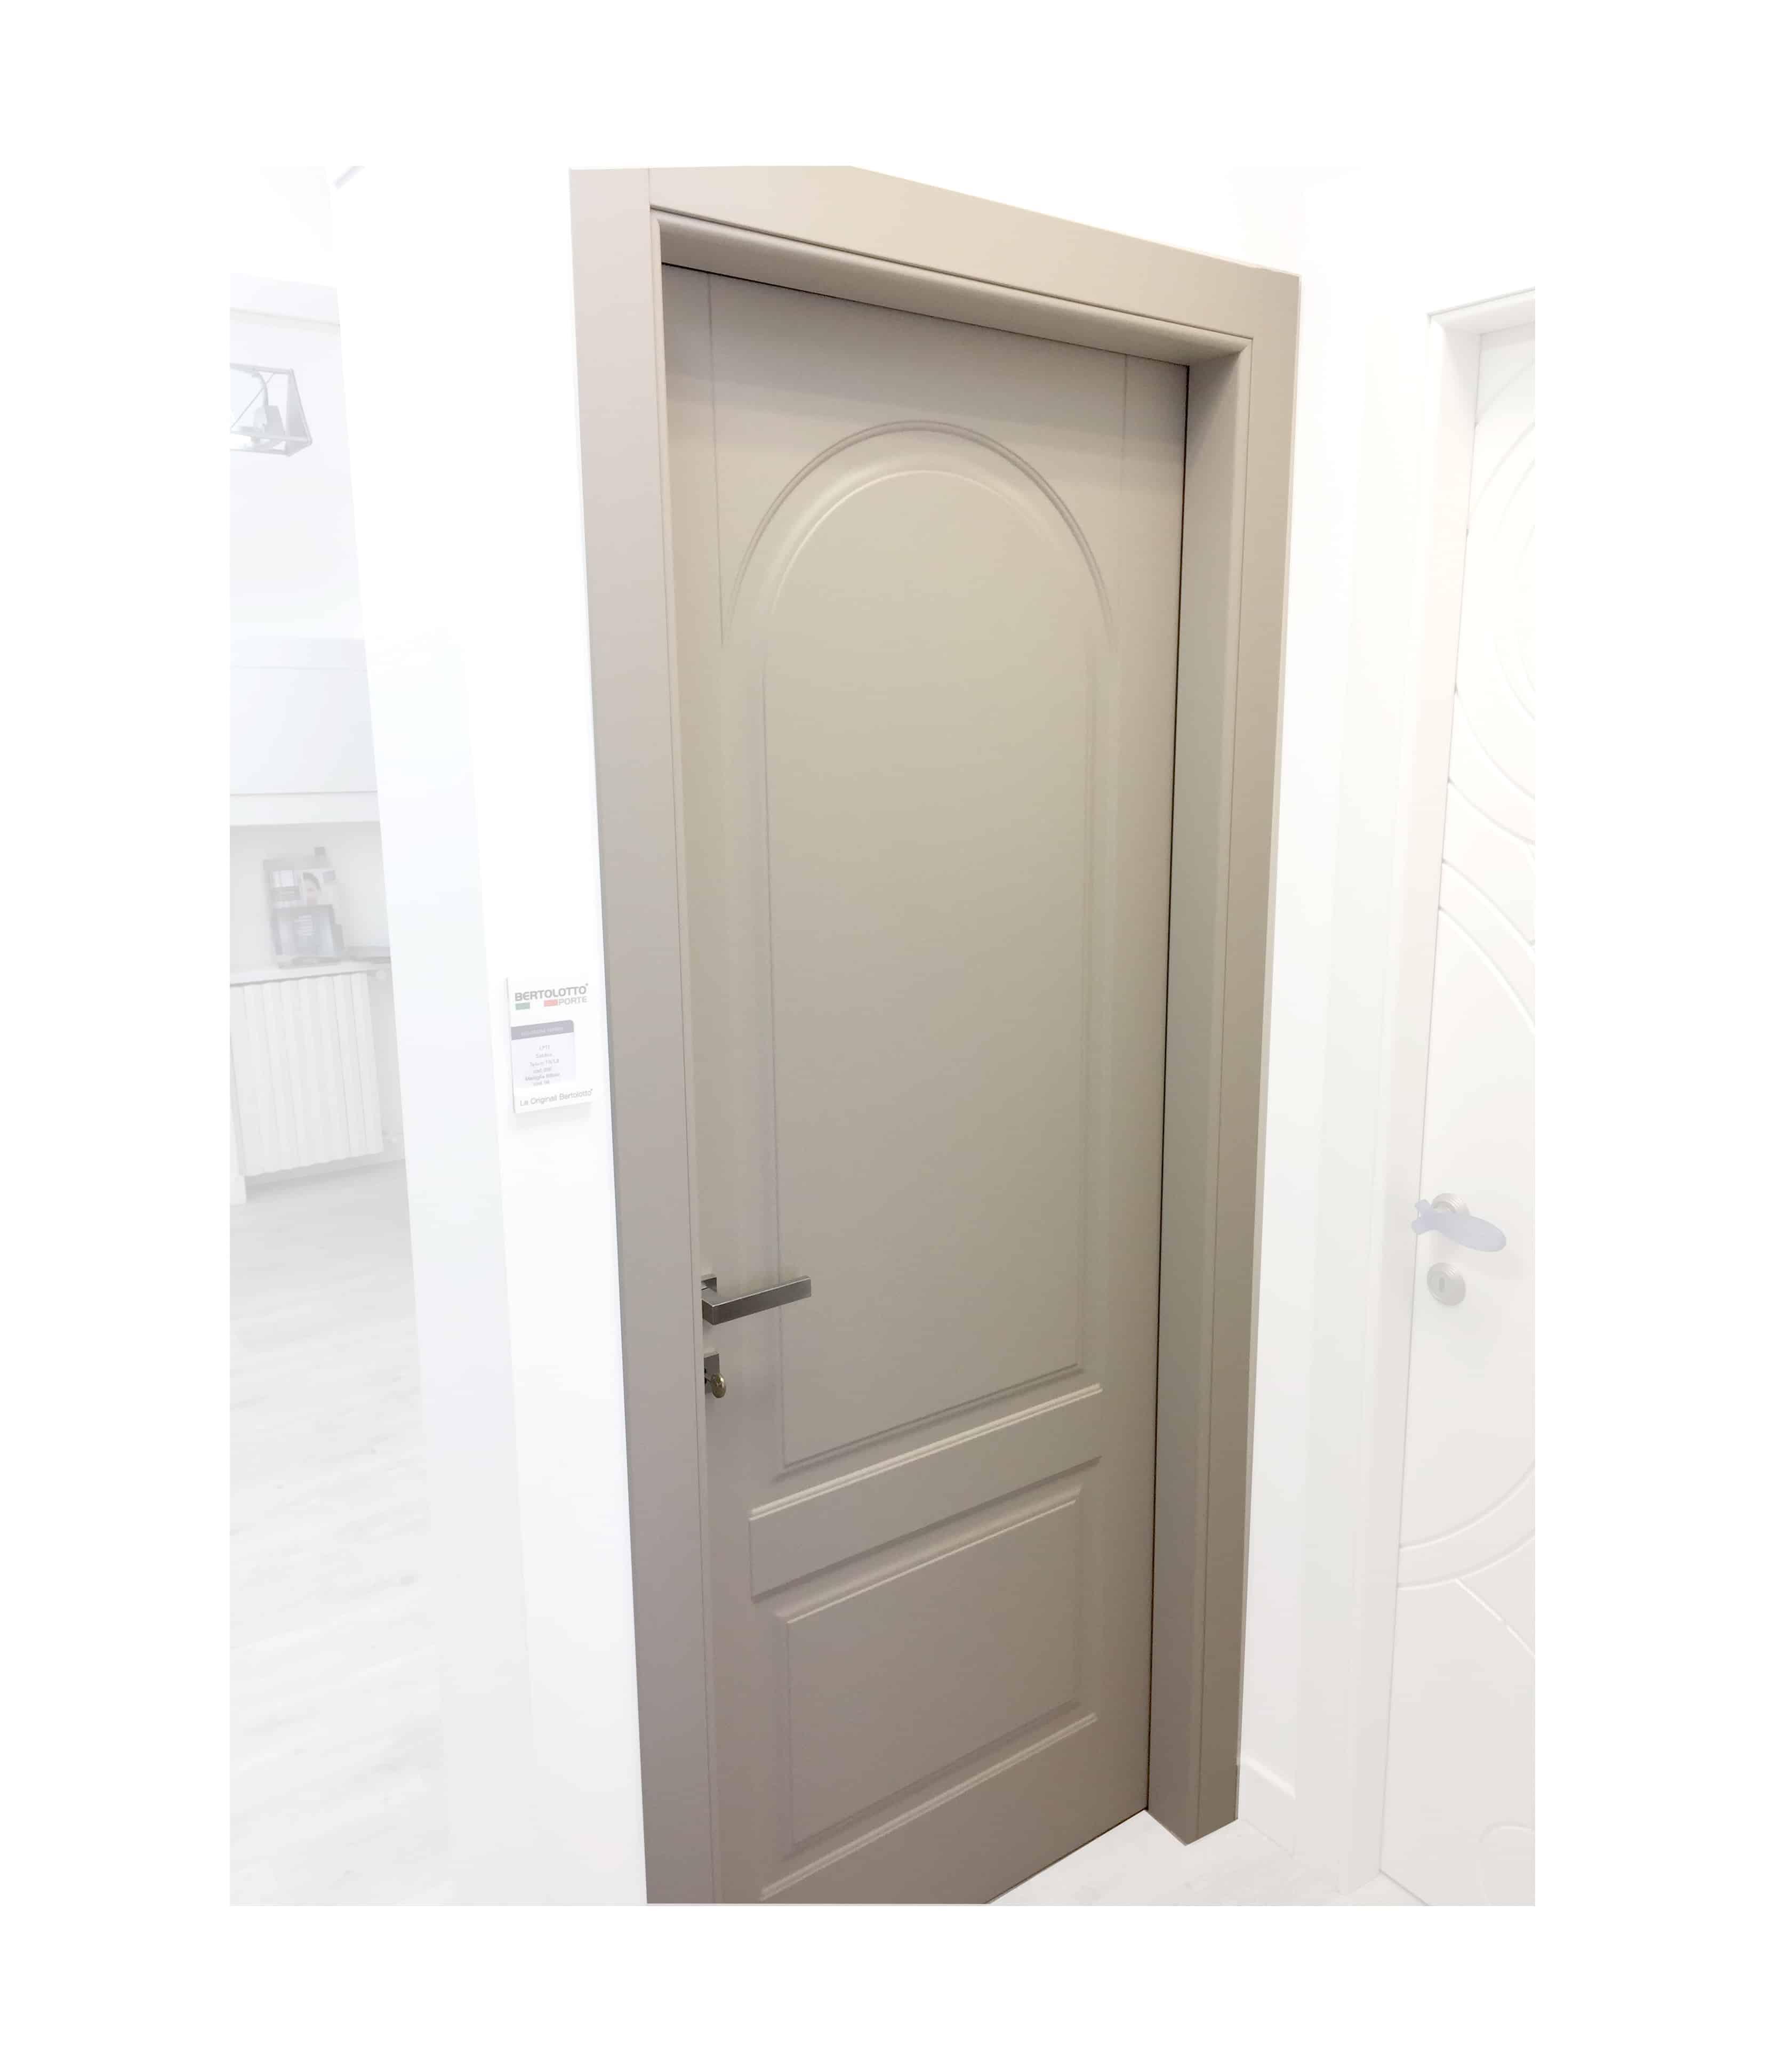 Porta mod lp 11 sabbia della bertolotto porte bartocci for Preventivo porte e finestre